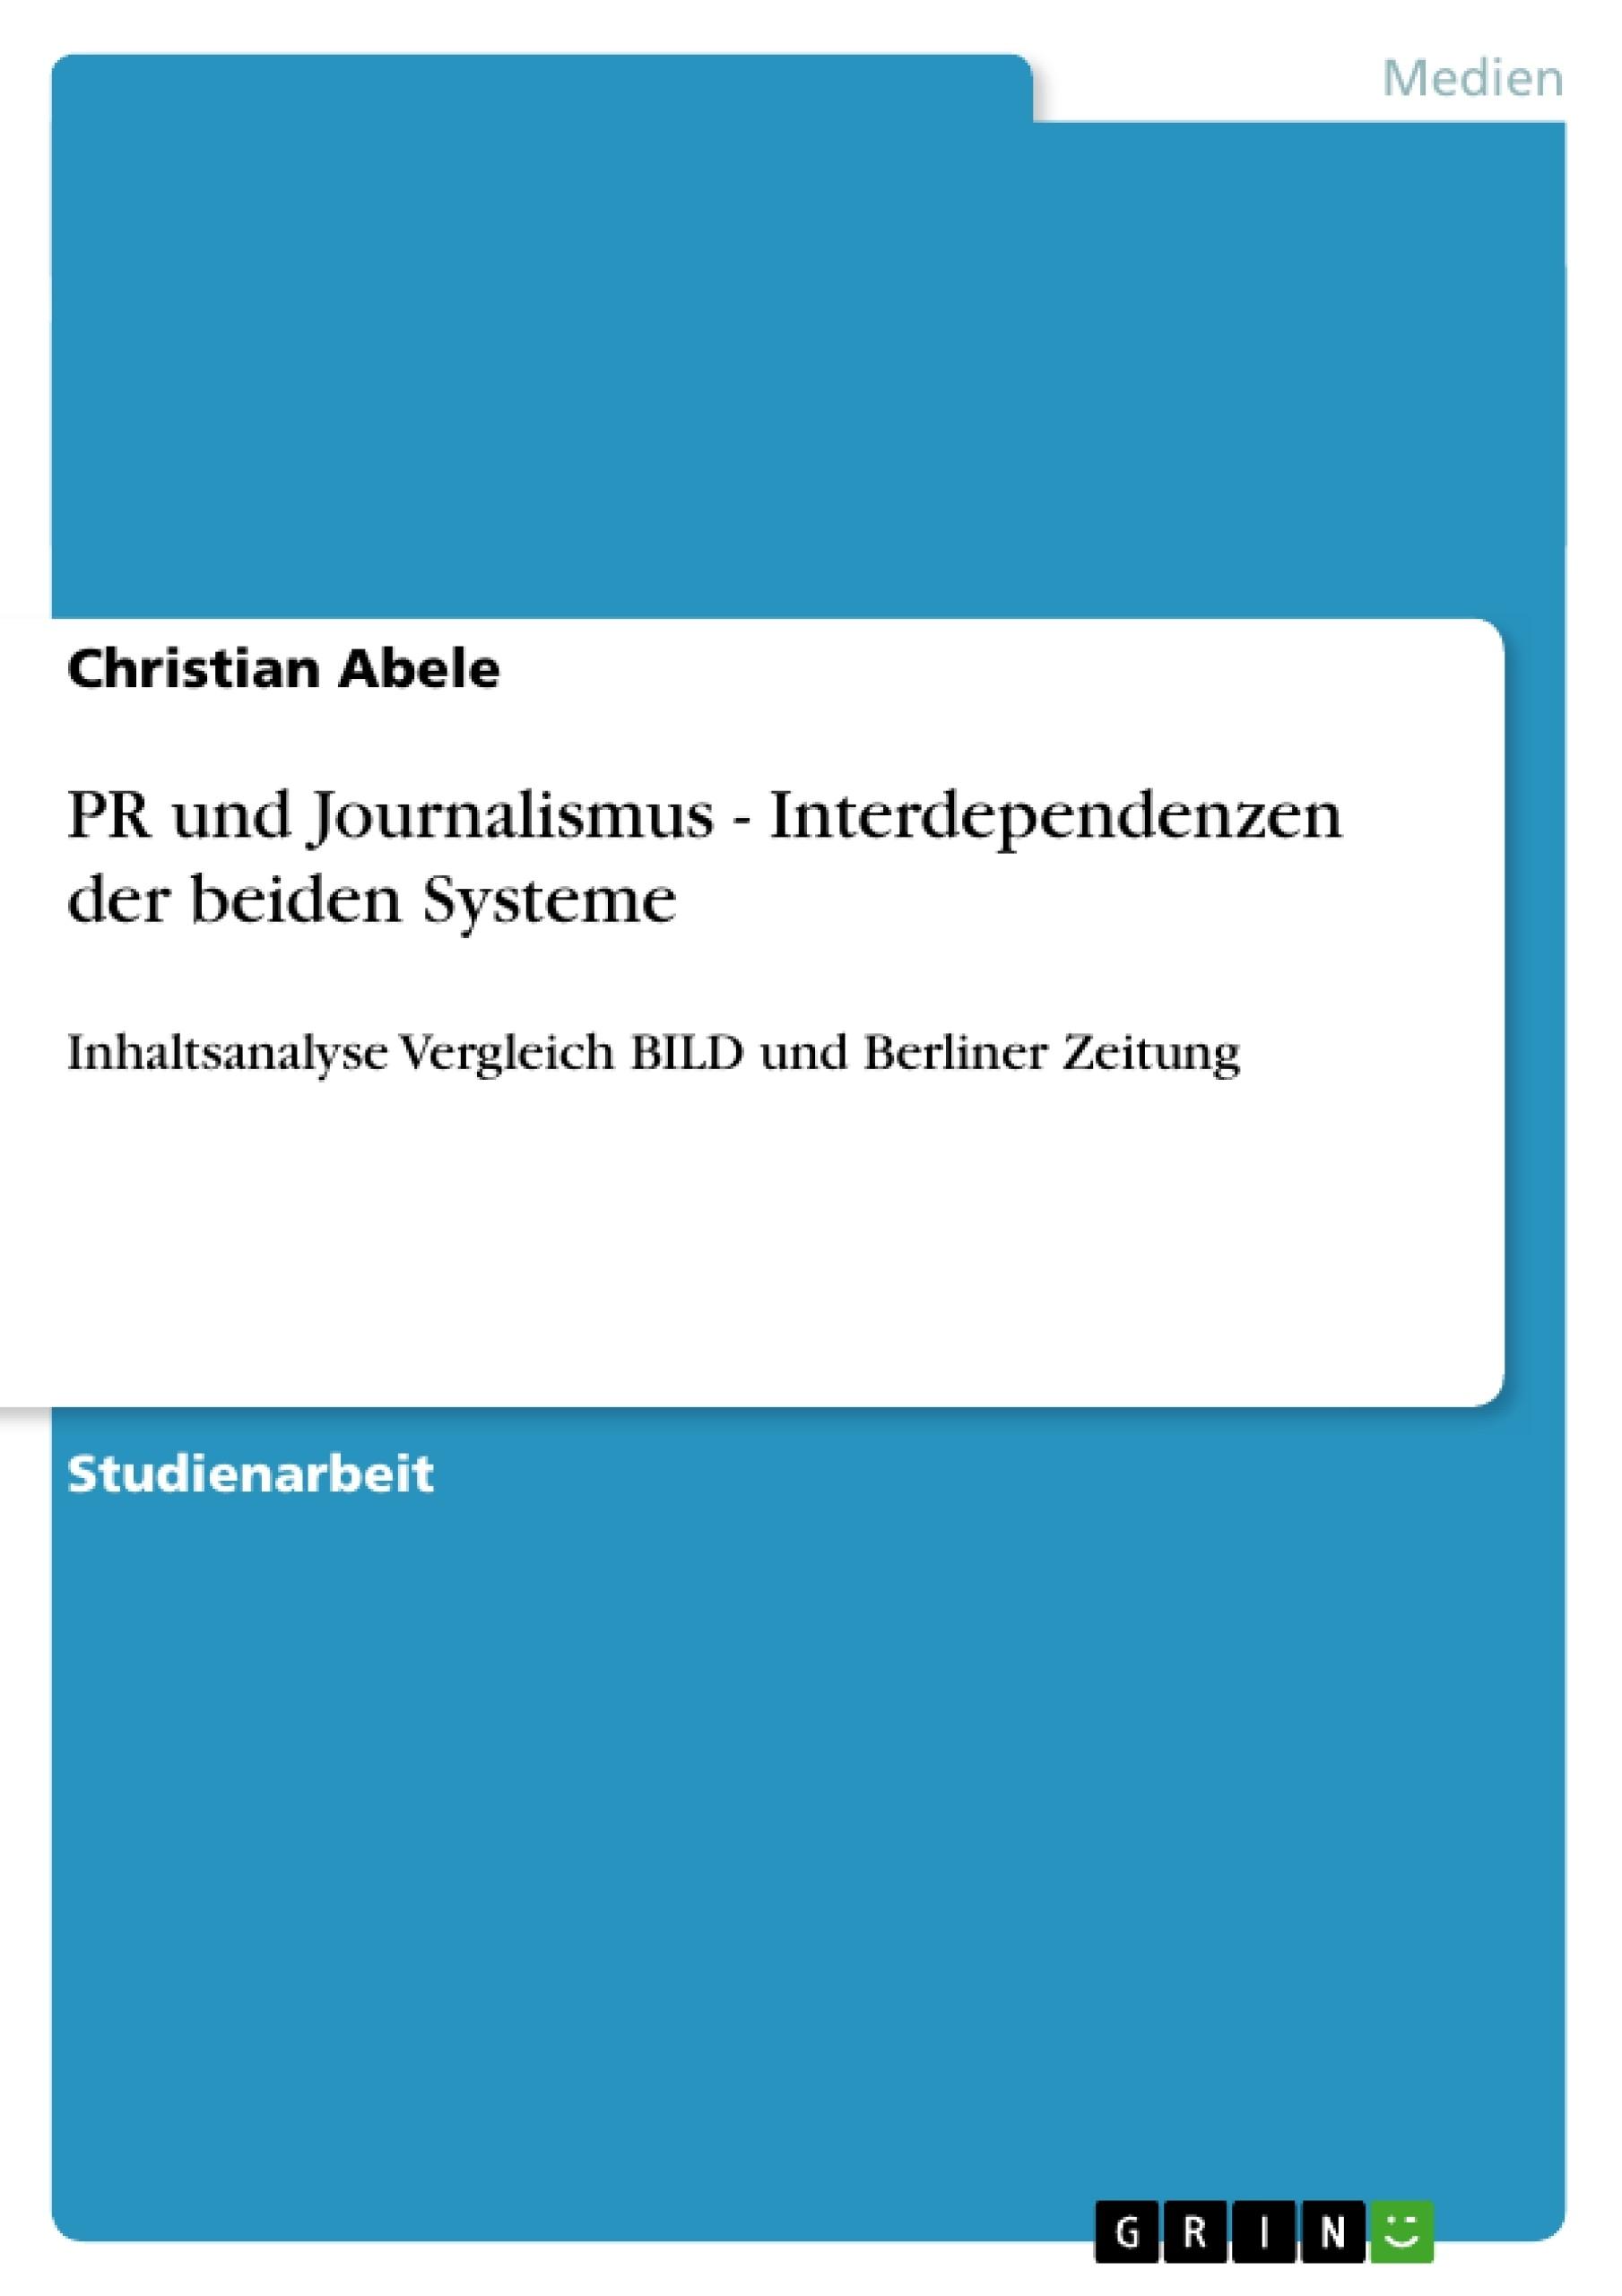 Titel: PR und Journalismus - Interdependenzen der beiden Systeme